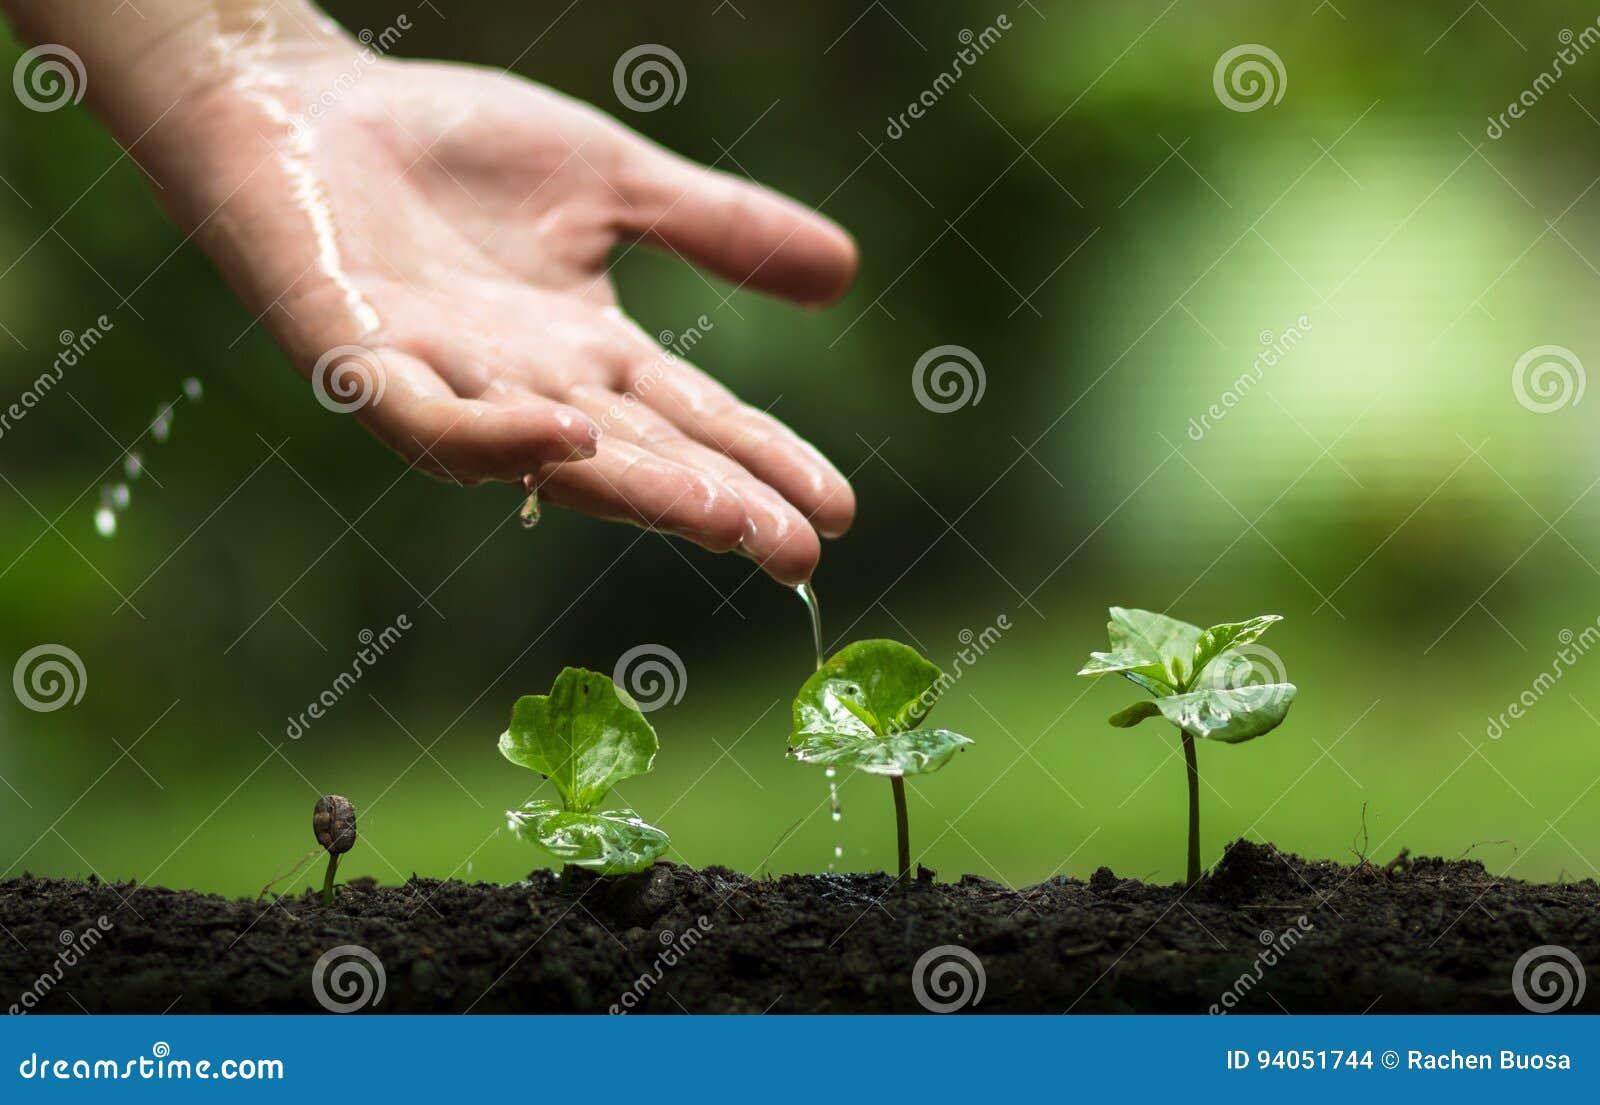 Pianti un albero, coltivi le piante del caffè, la freschezza, mani che proteggono gli alberi, innaffiare, crescente, verde,